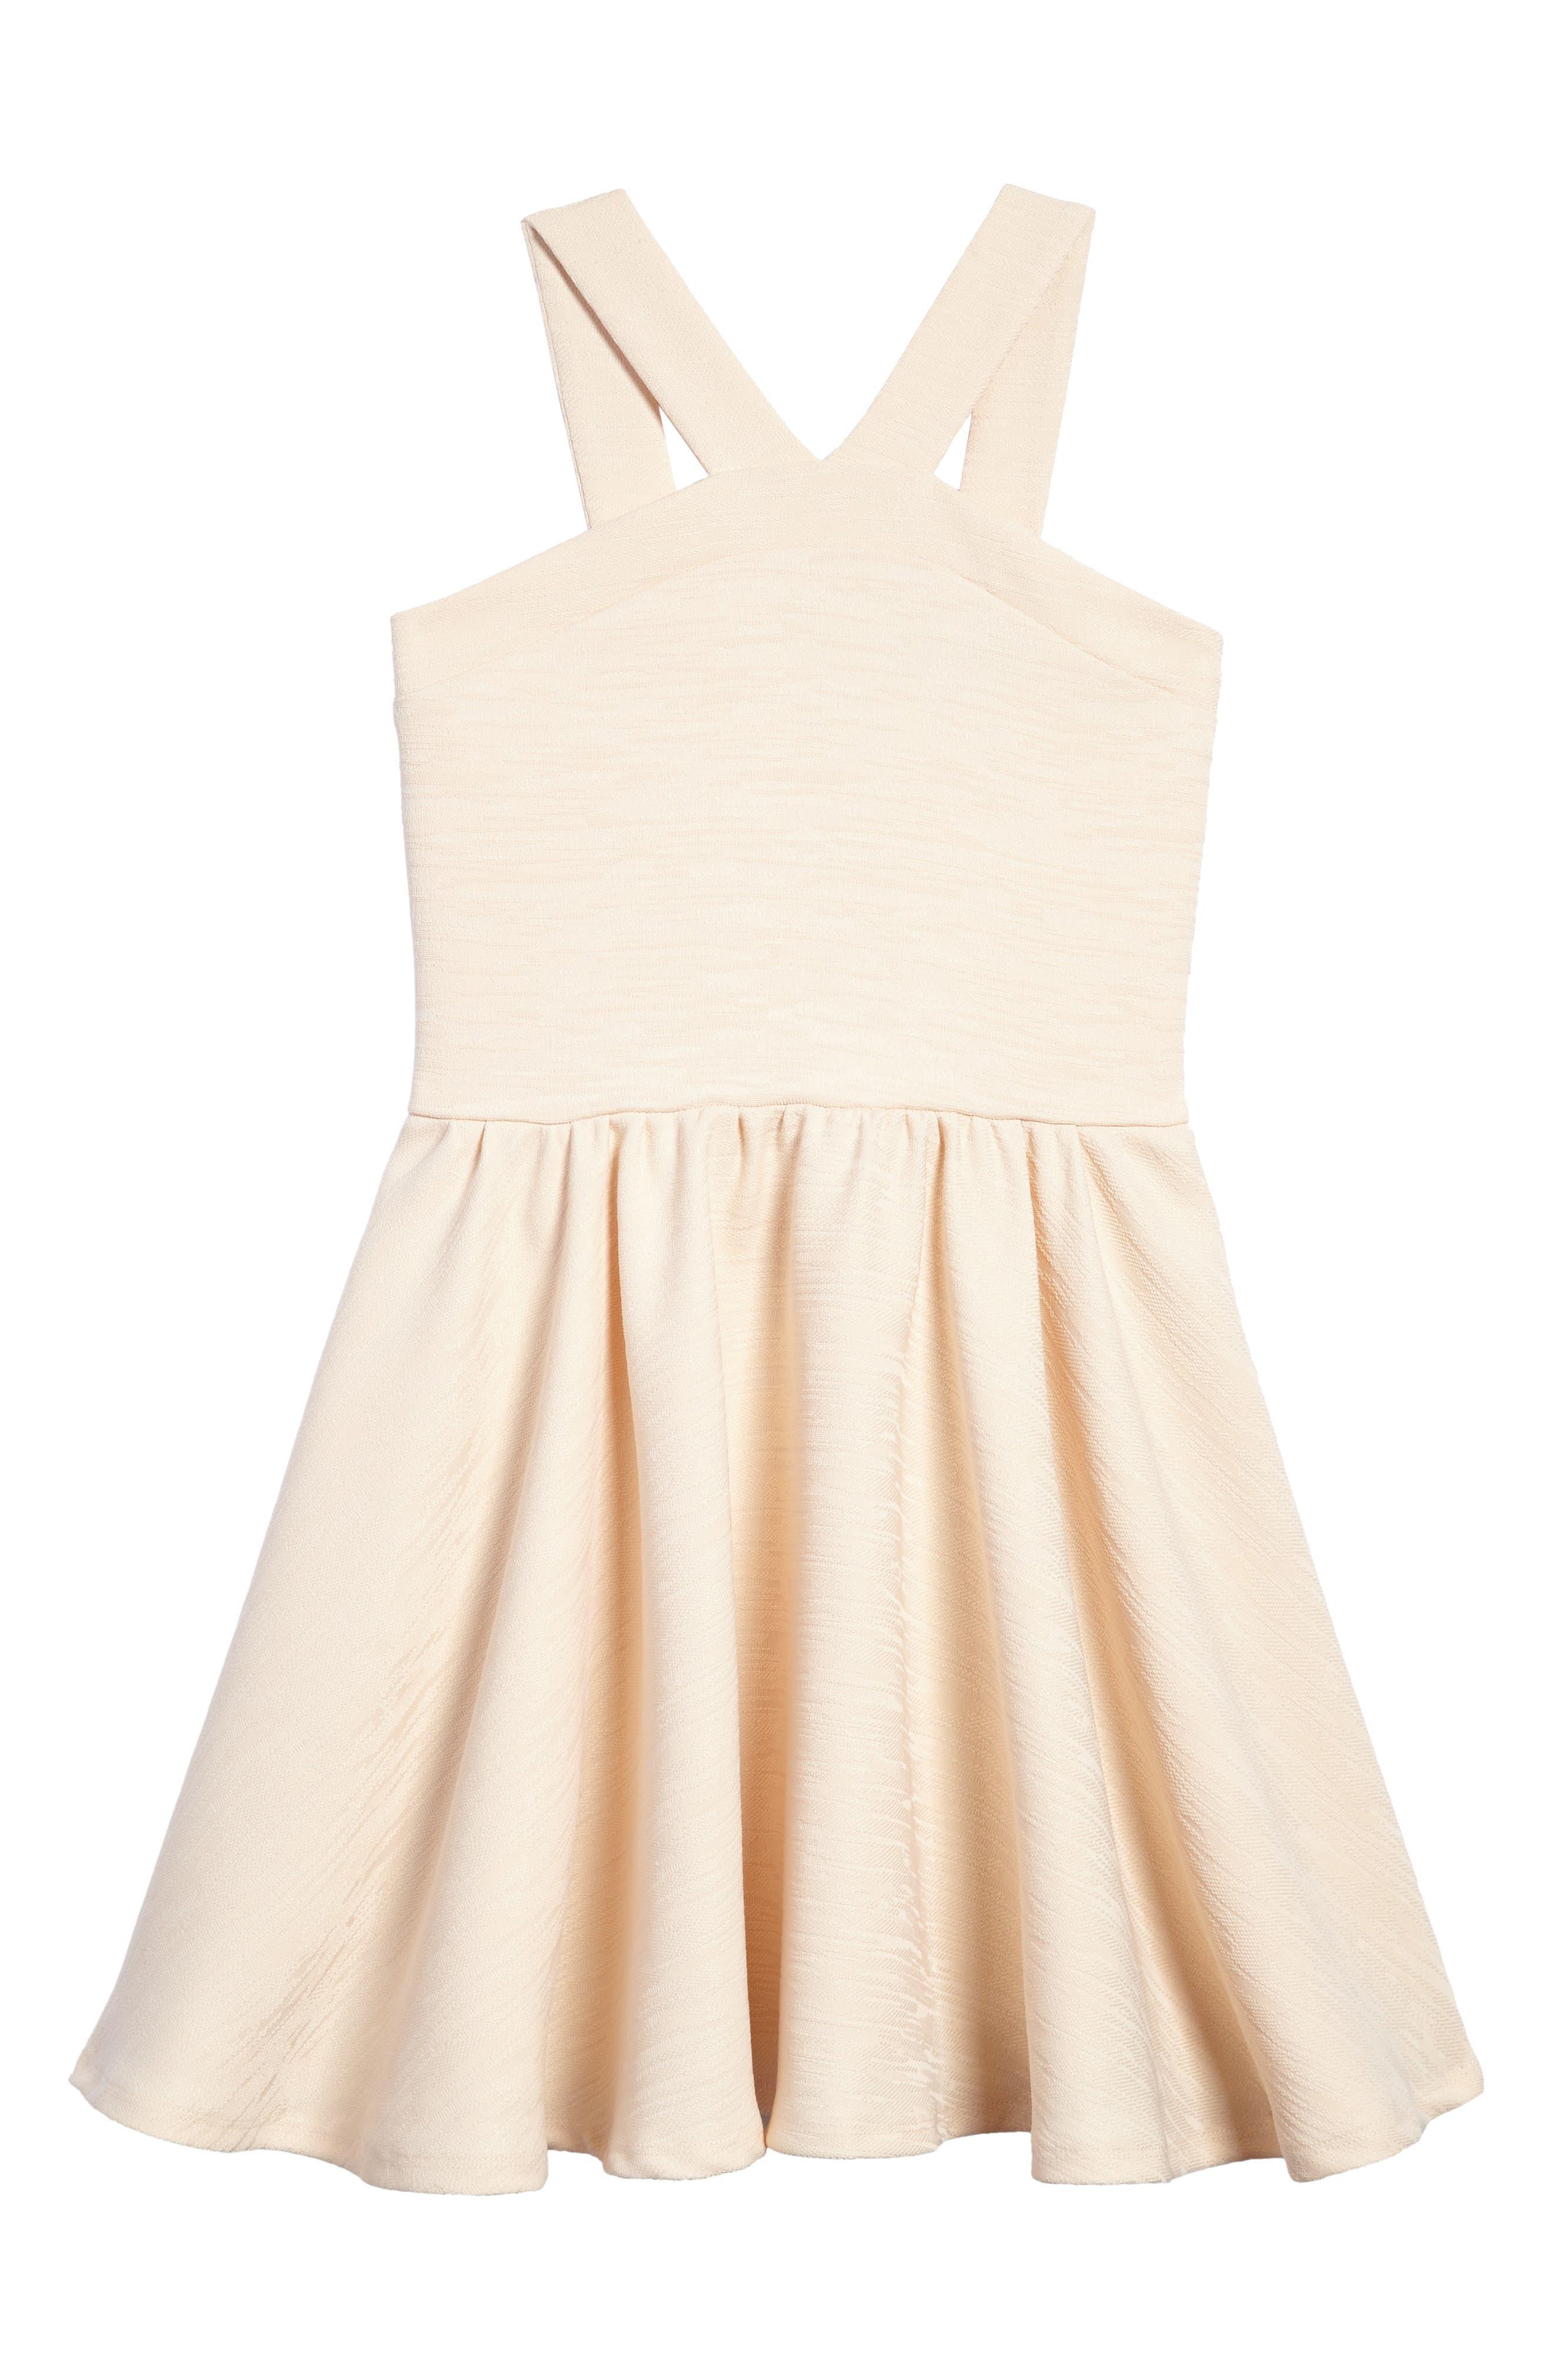 Stephanie Halter Dress,                         Main,                         color, 260